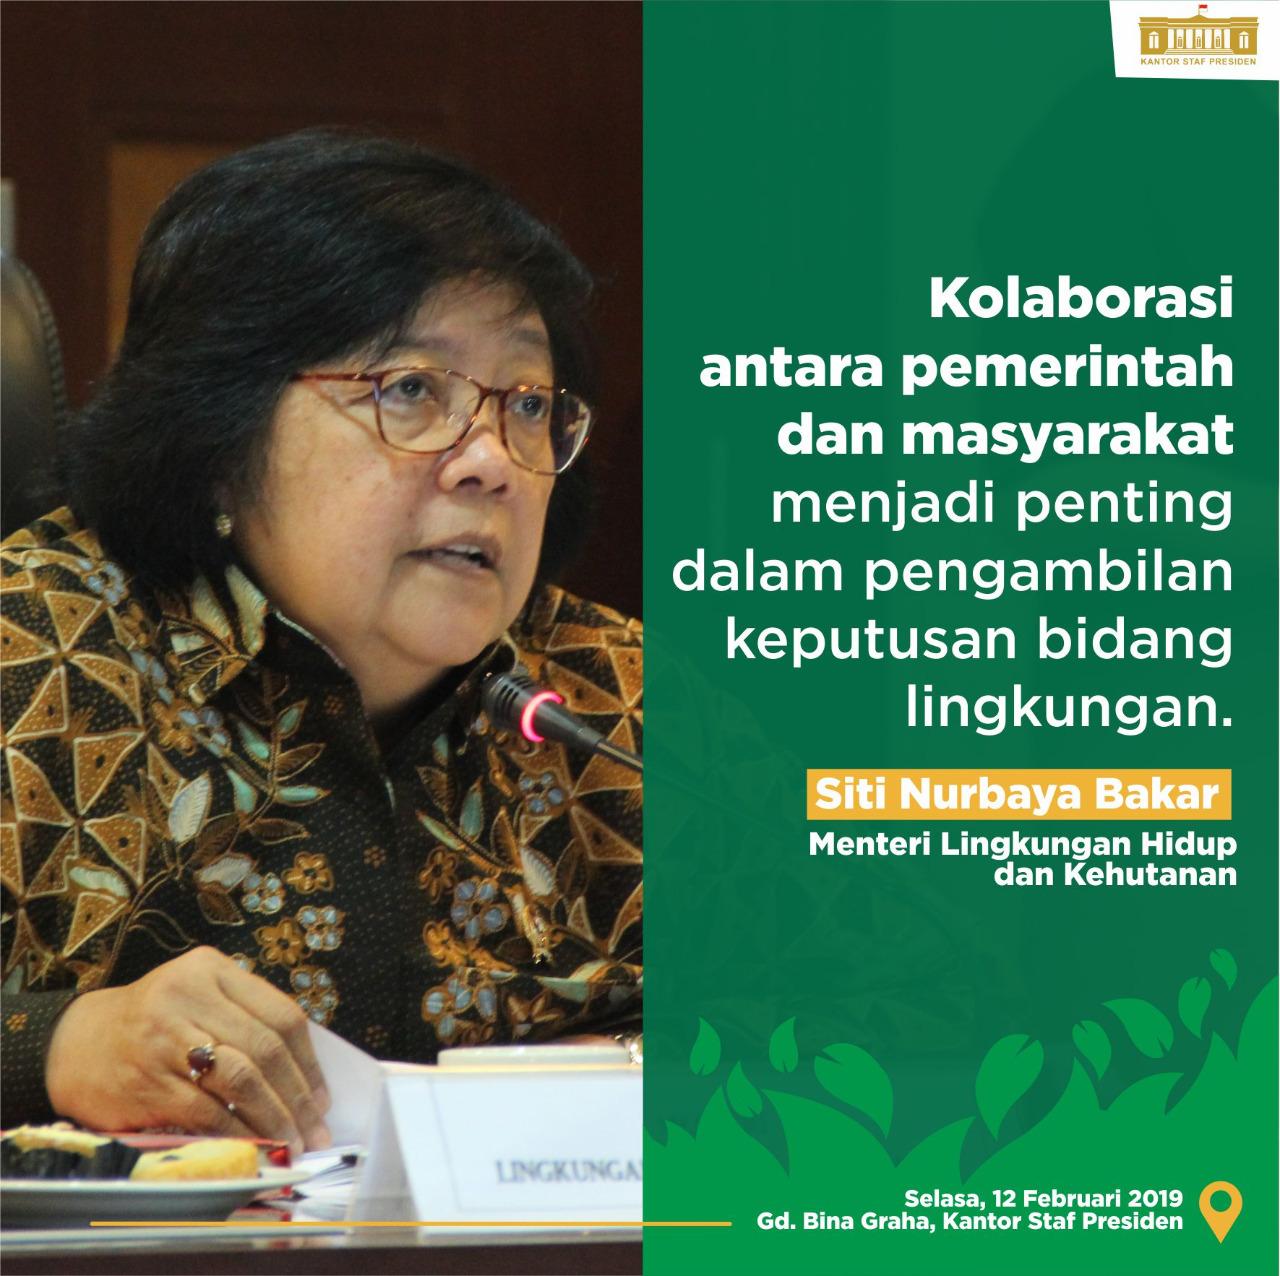 enteri KLHK, Siti Nurbaya Bakar